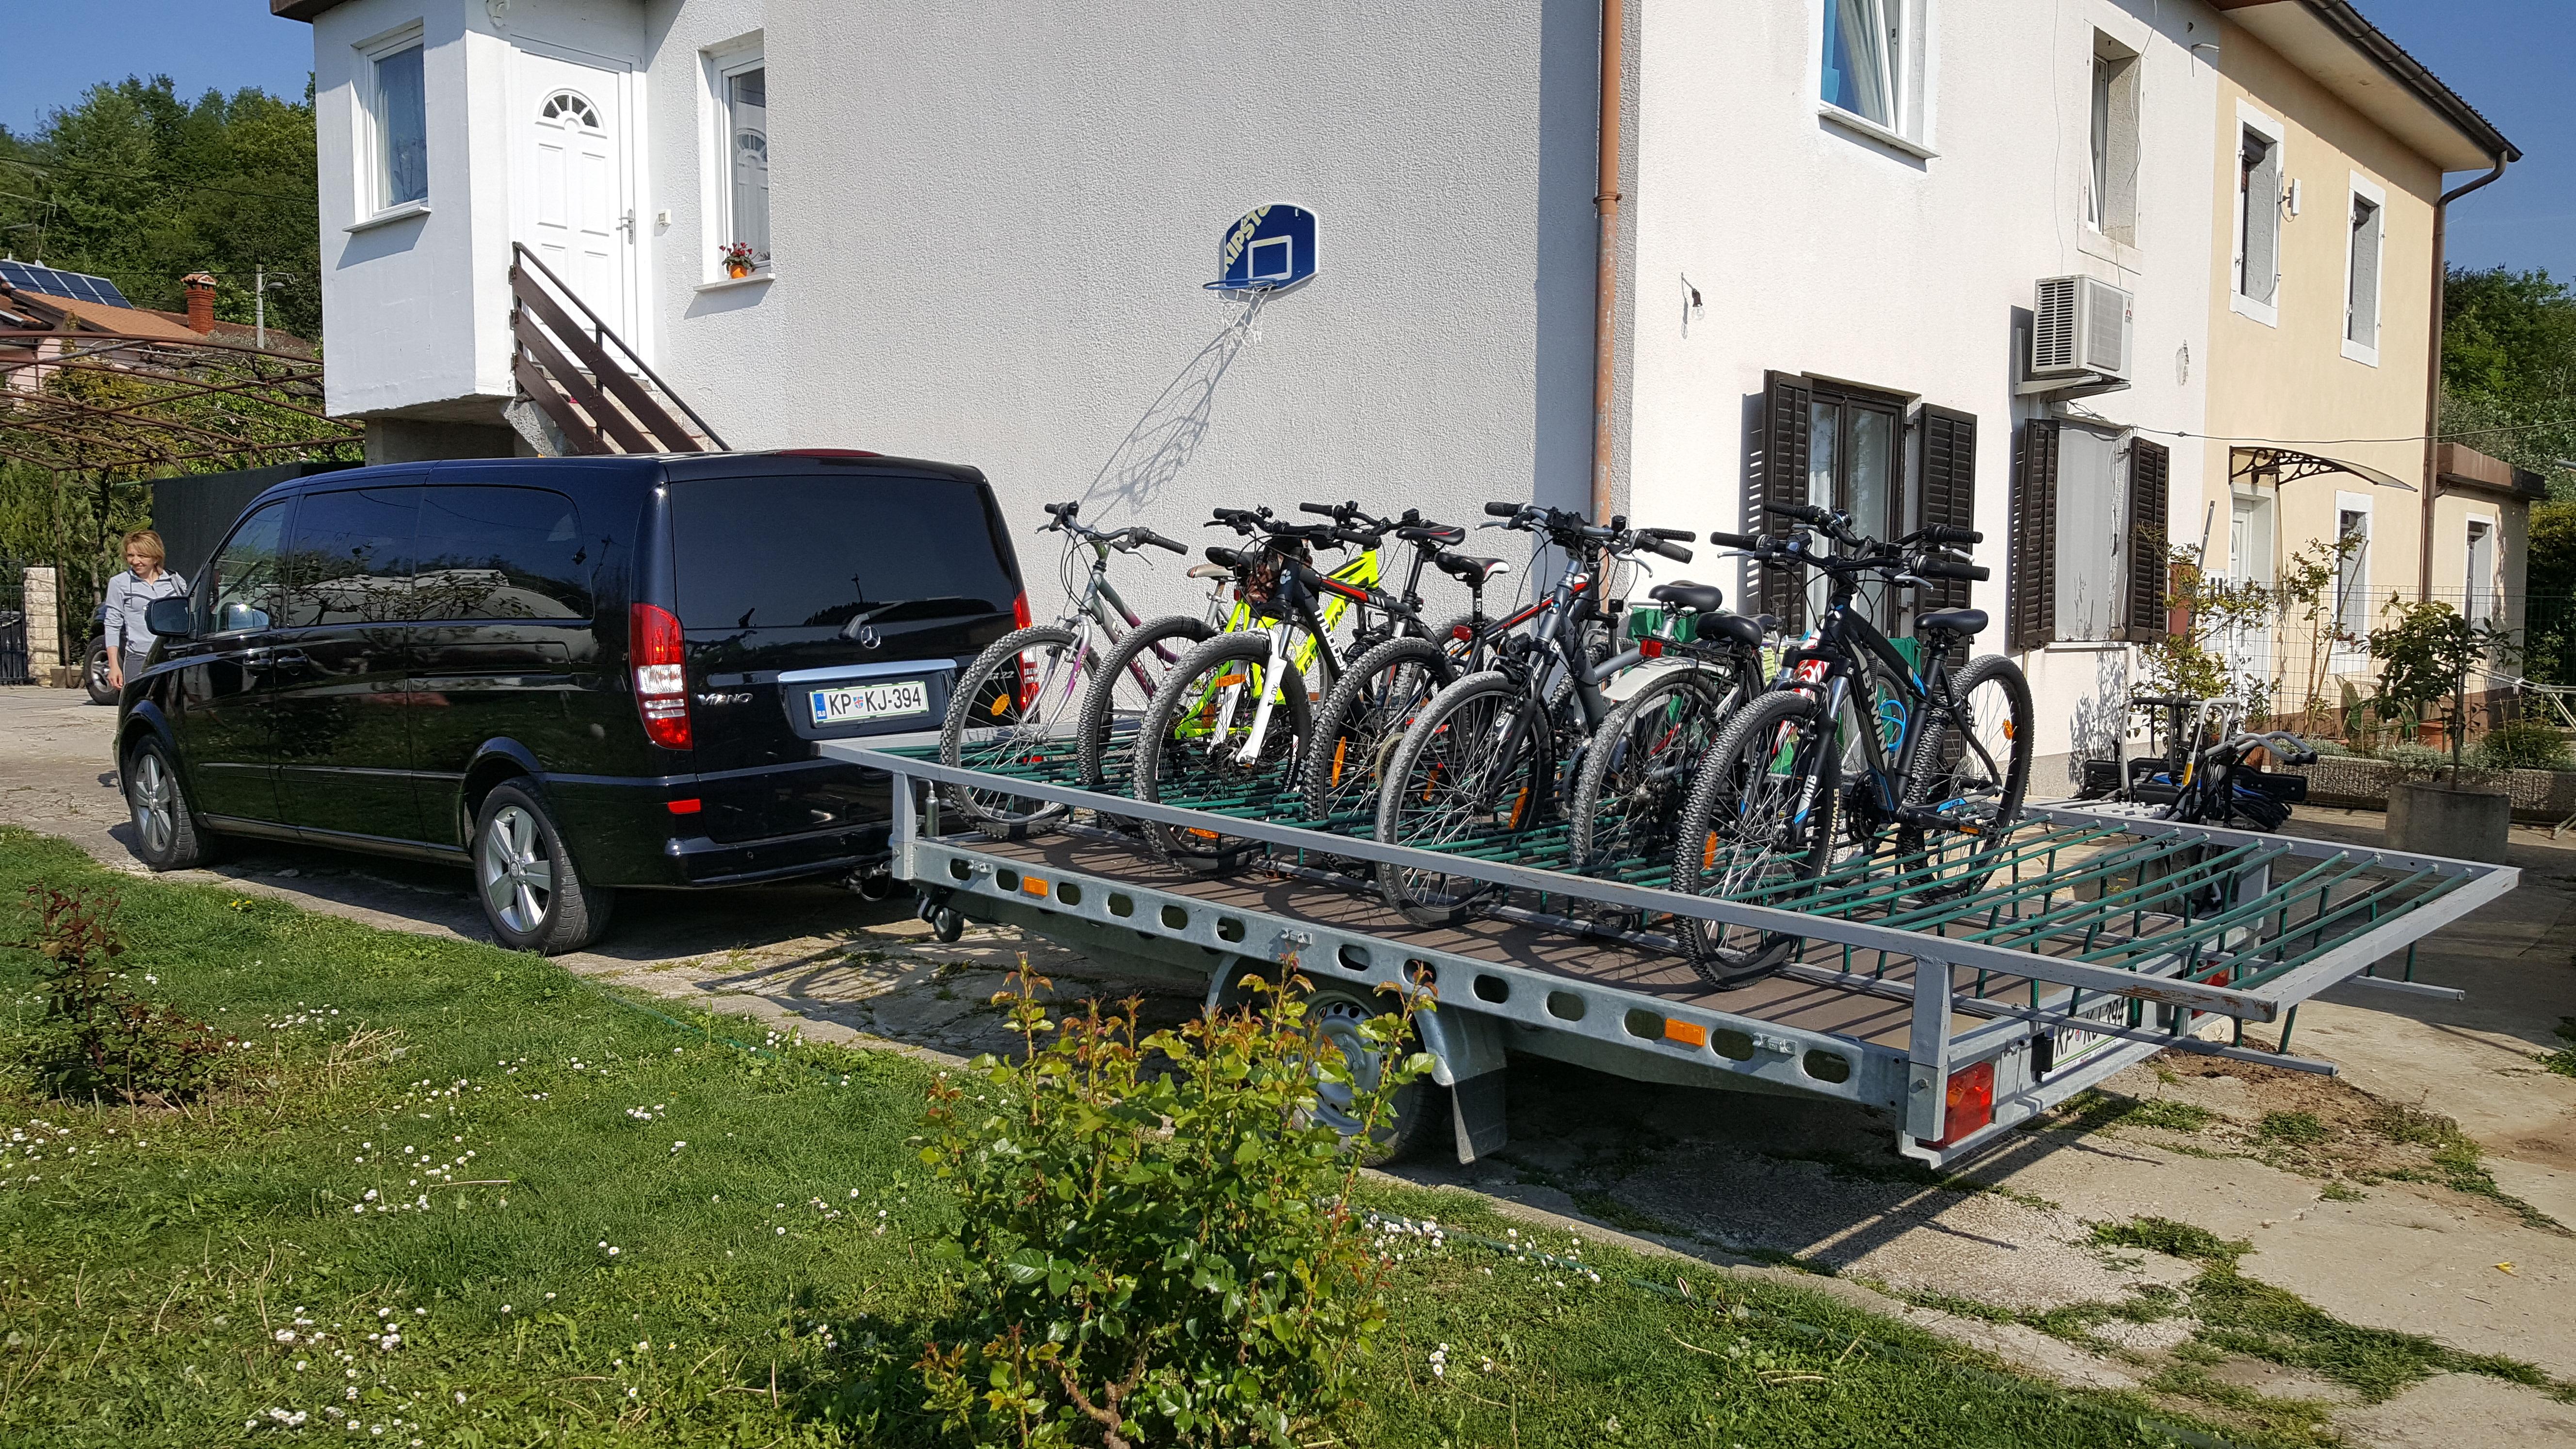 Transfer troller 20 bikes